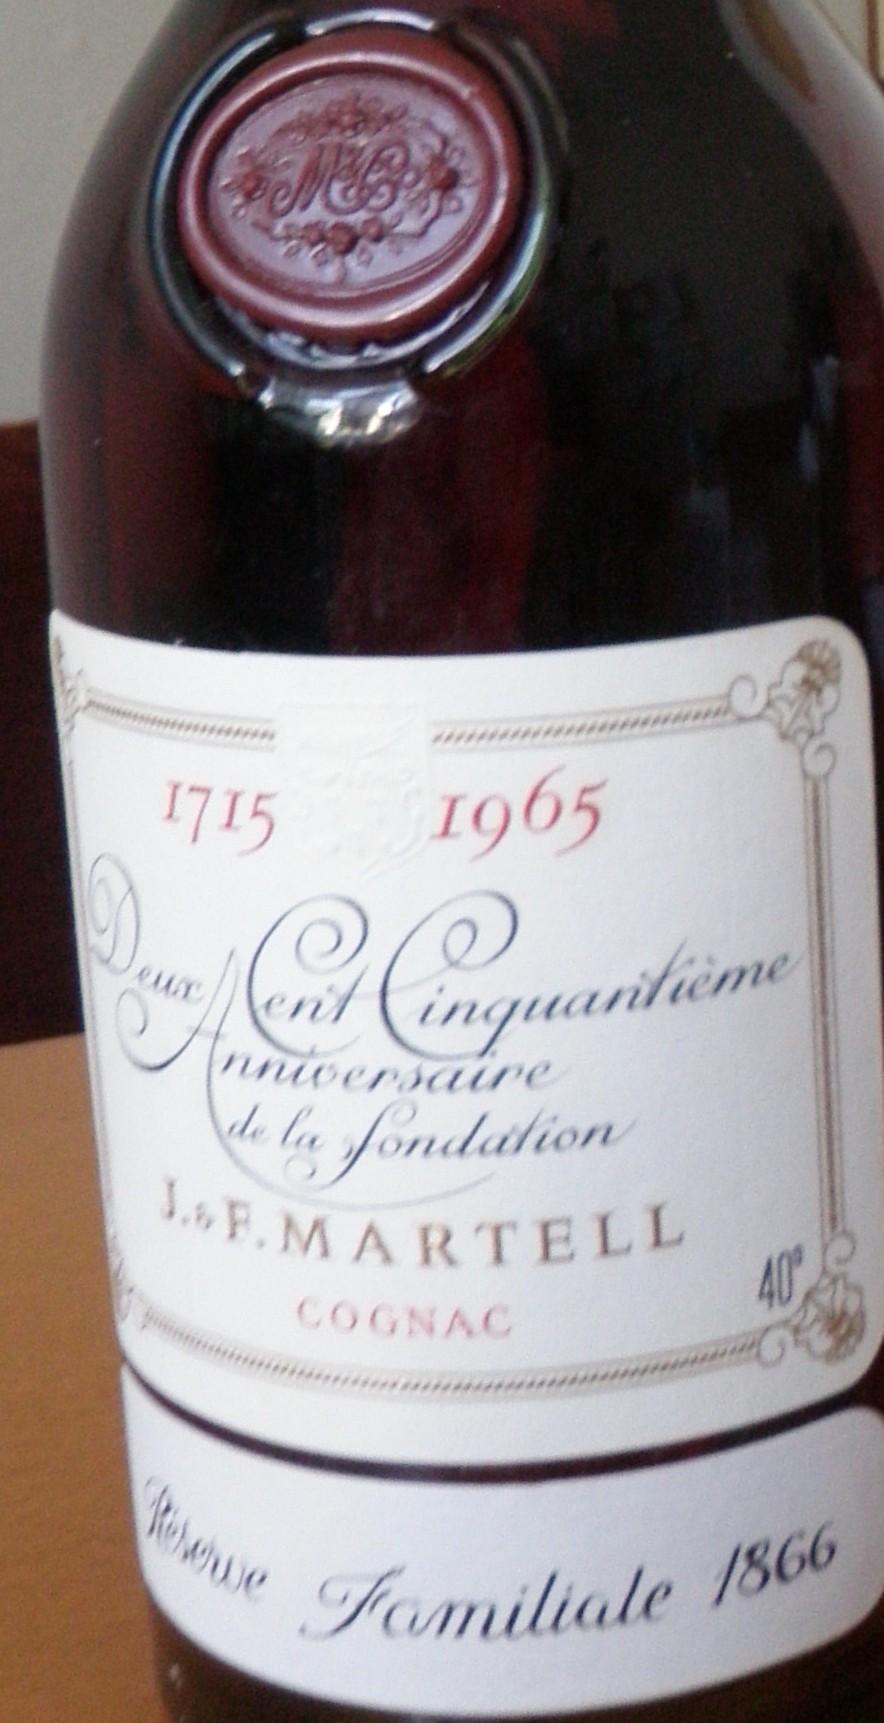 Martell Reserve Familiale 1866 Cognac